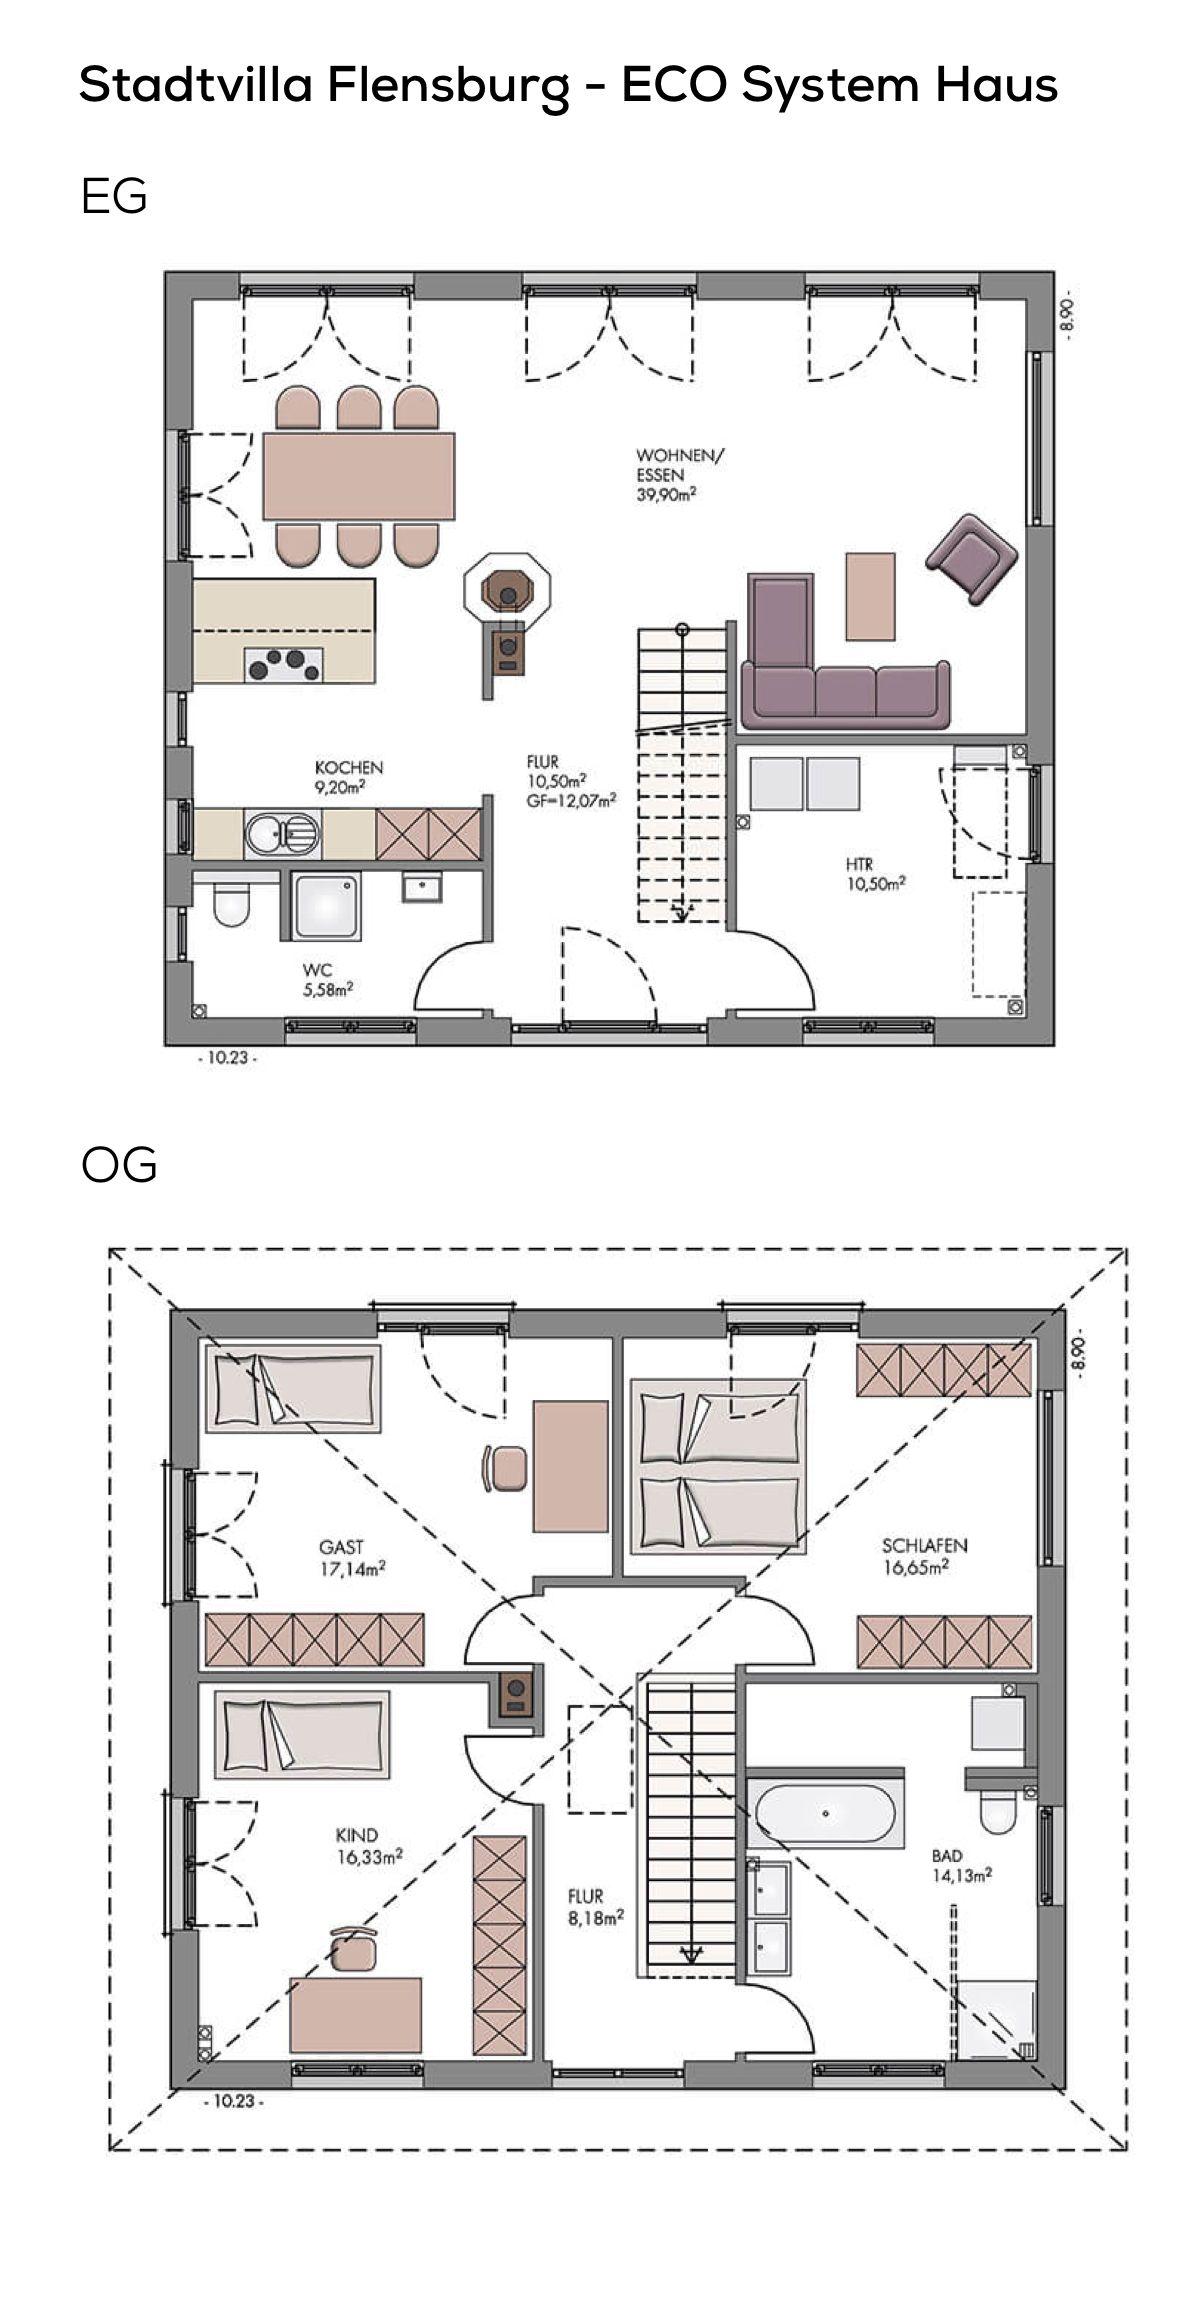 Stadtvilla Grundriss modern mit Kamin & Zeltdach Architektur - 4 ...